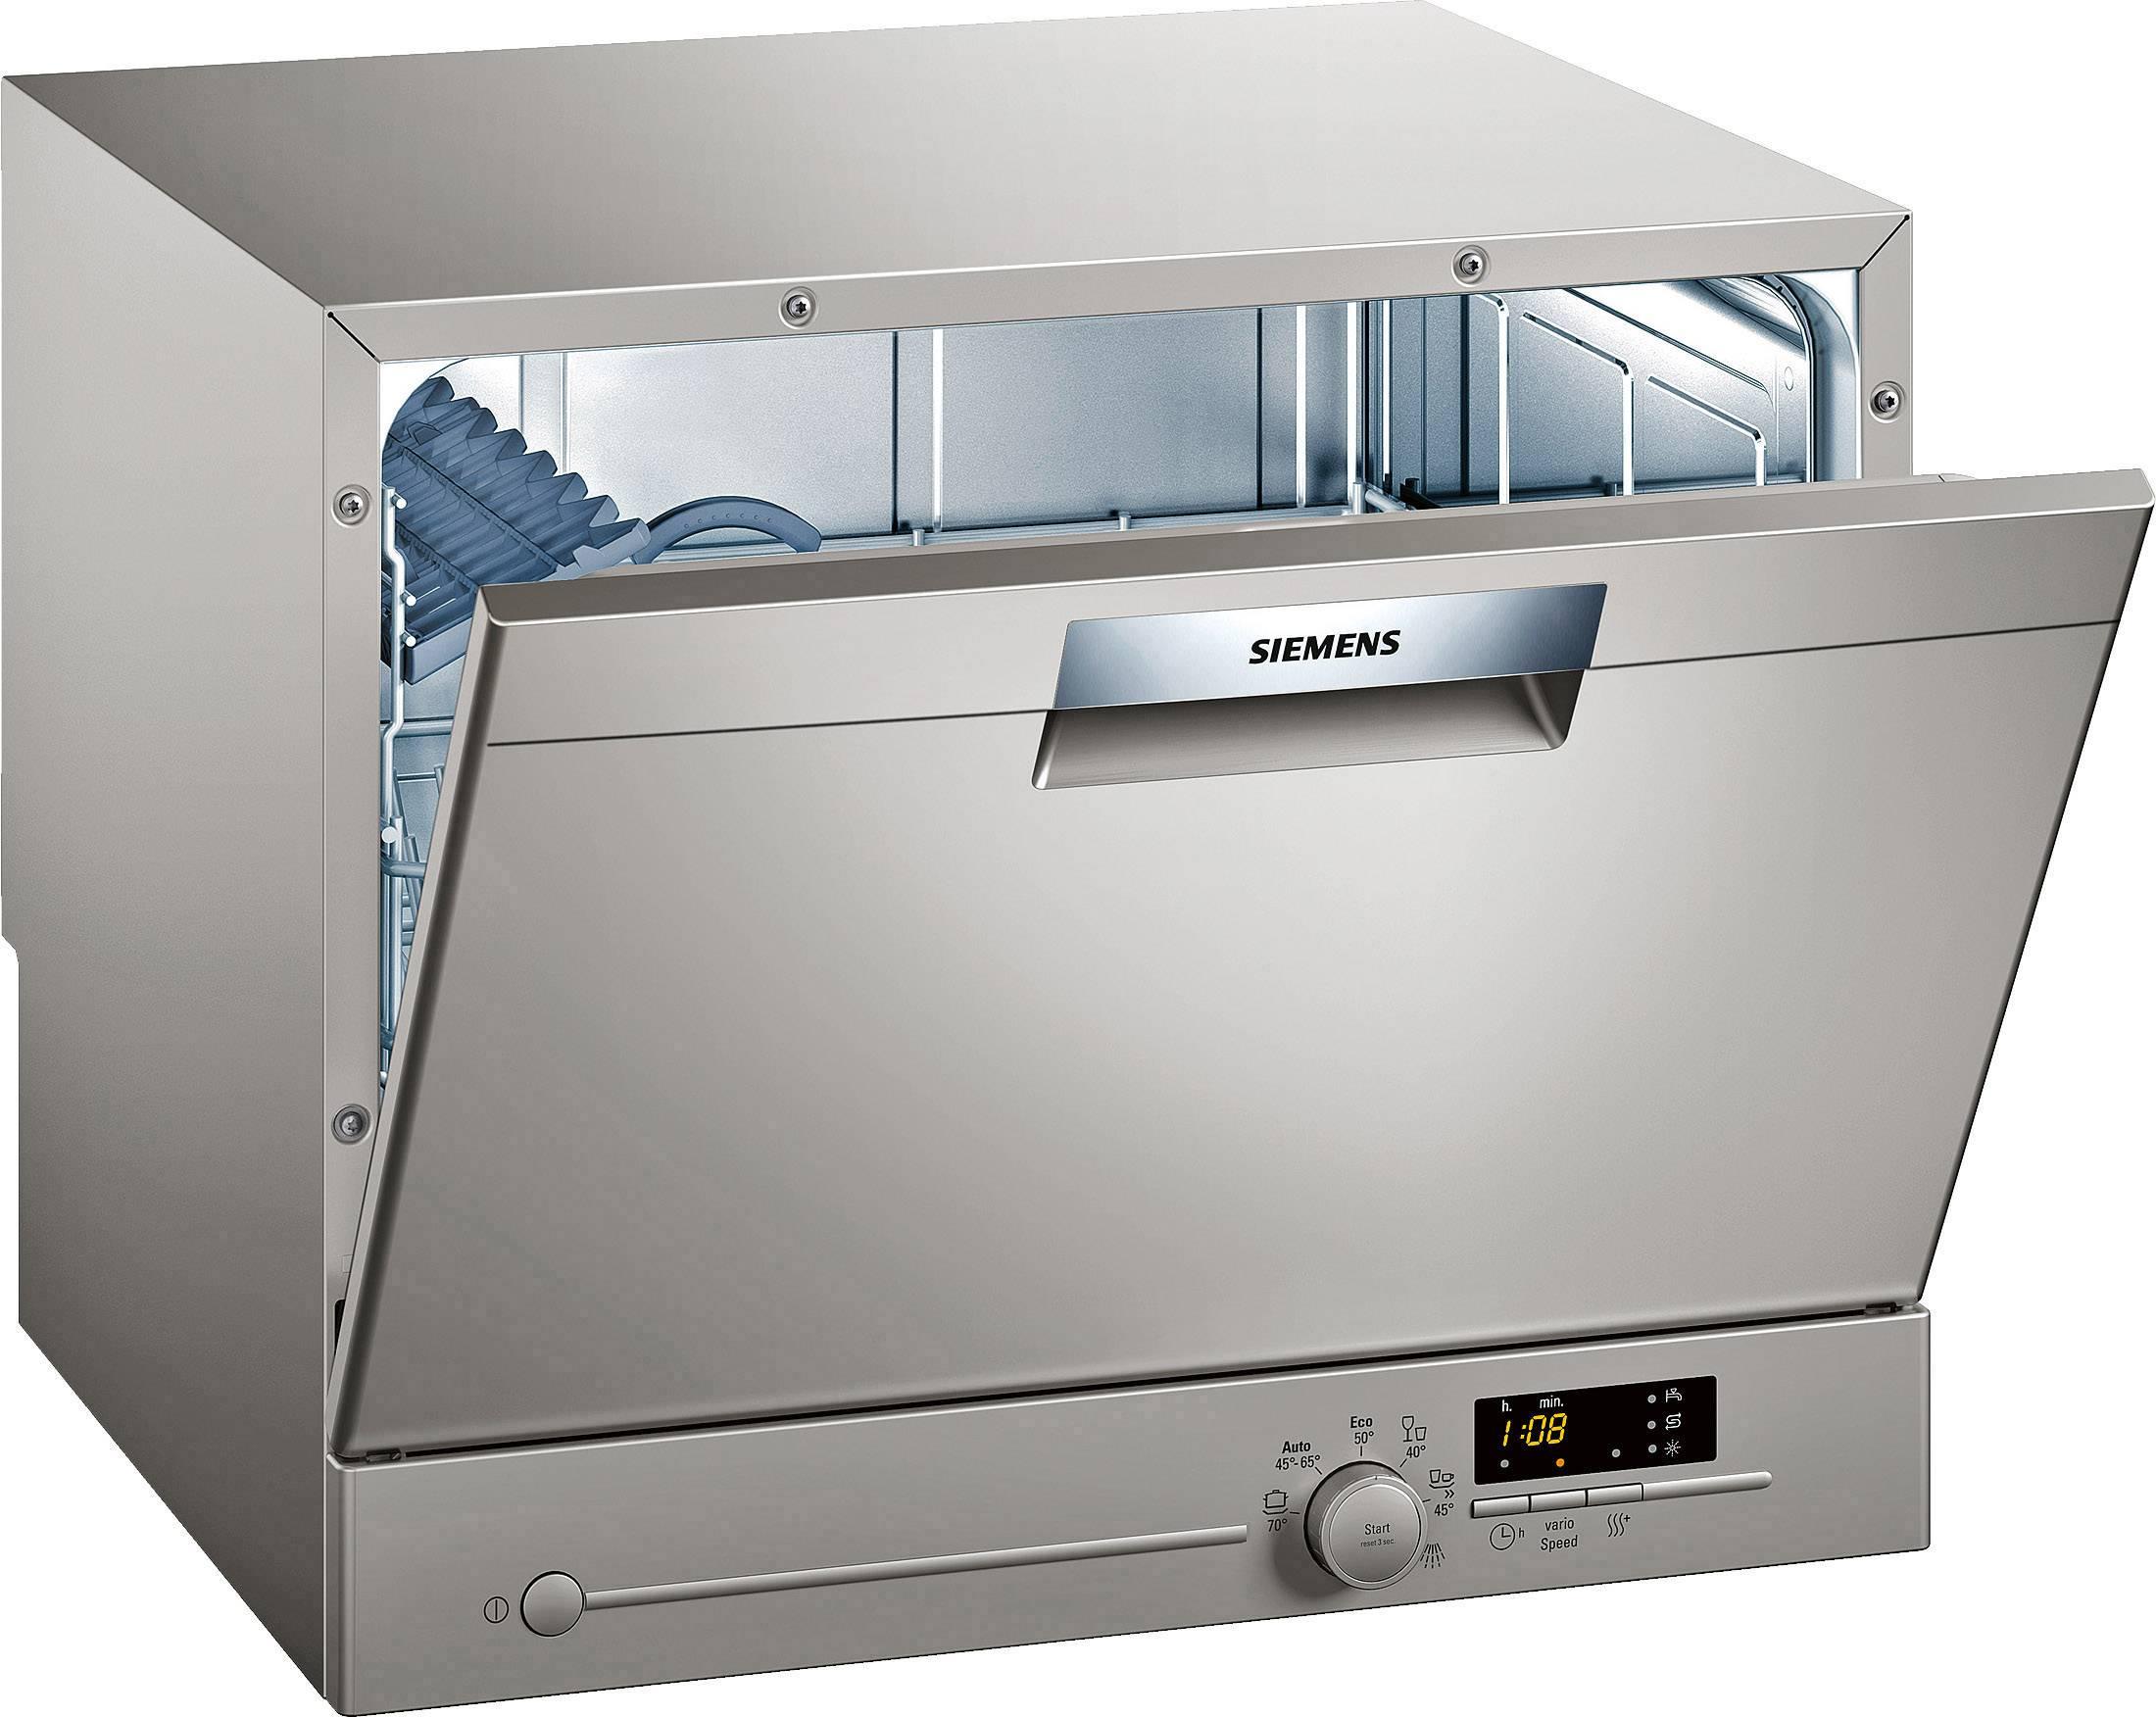 Siemens spülmaschine reset taste wo: siemens spülmaschine sd s in